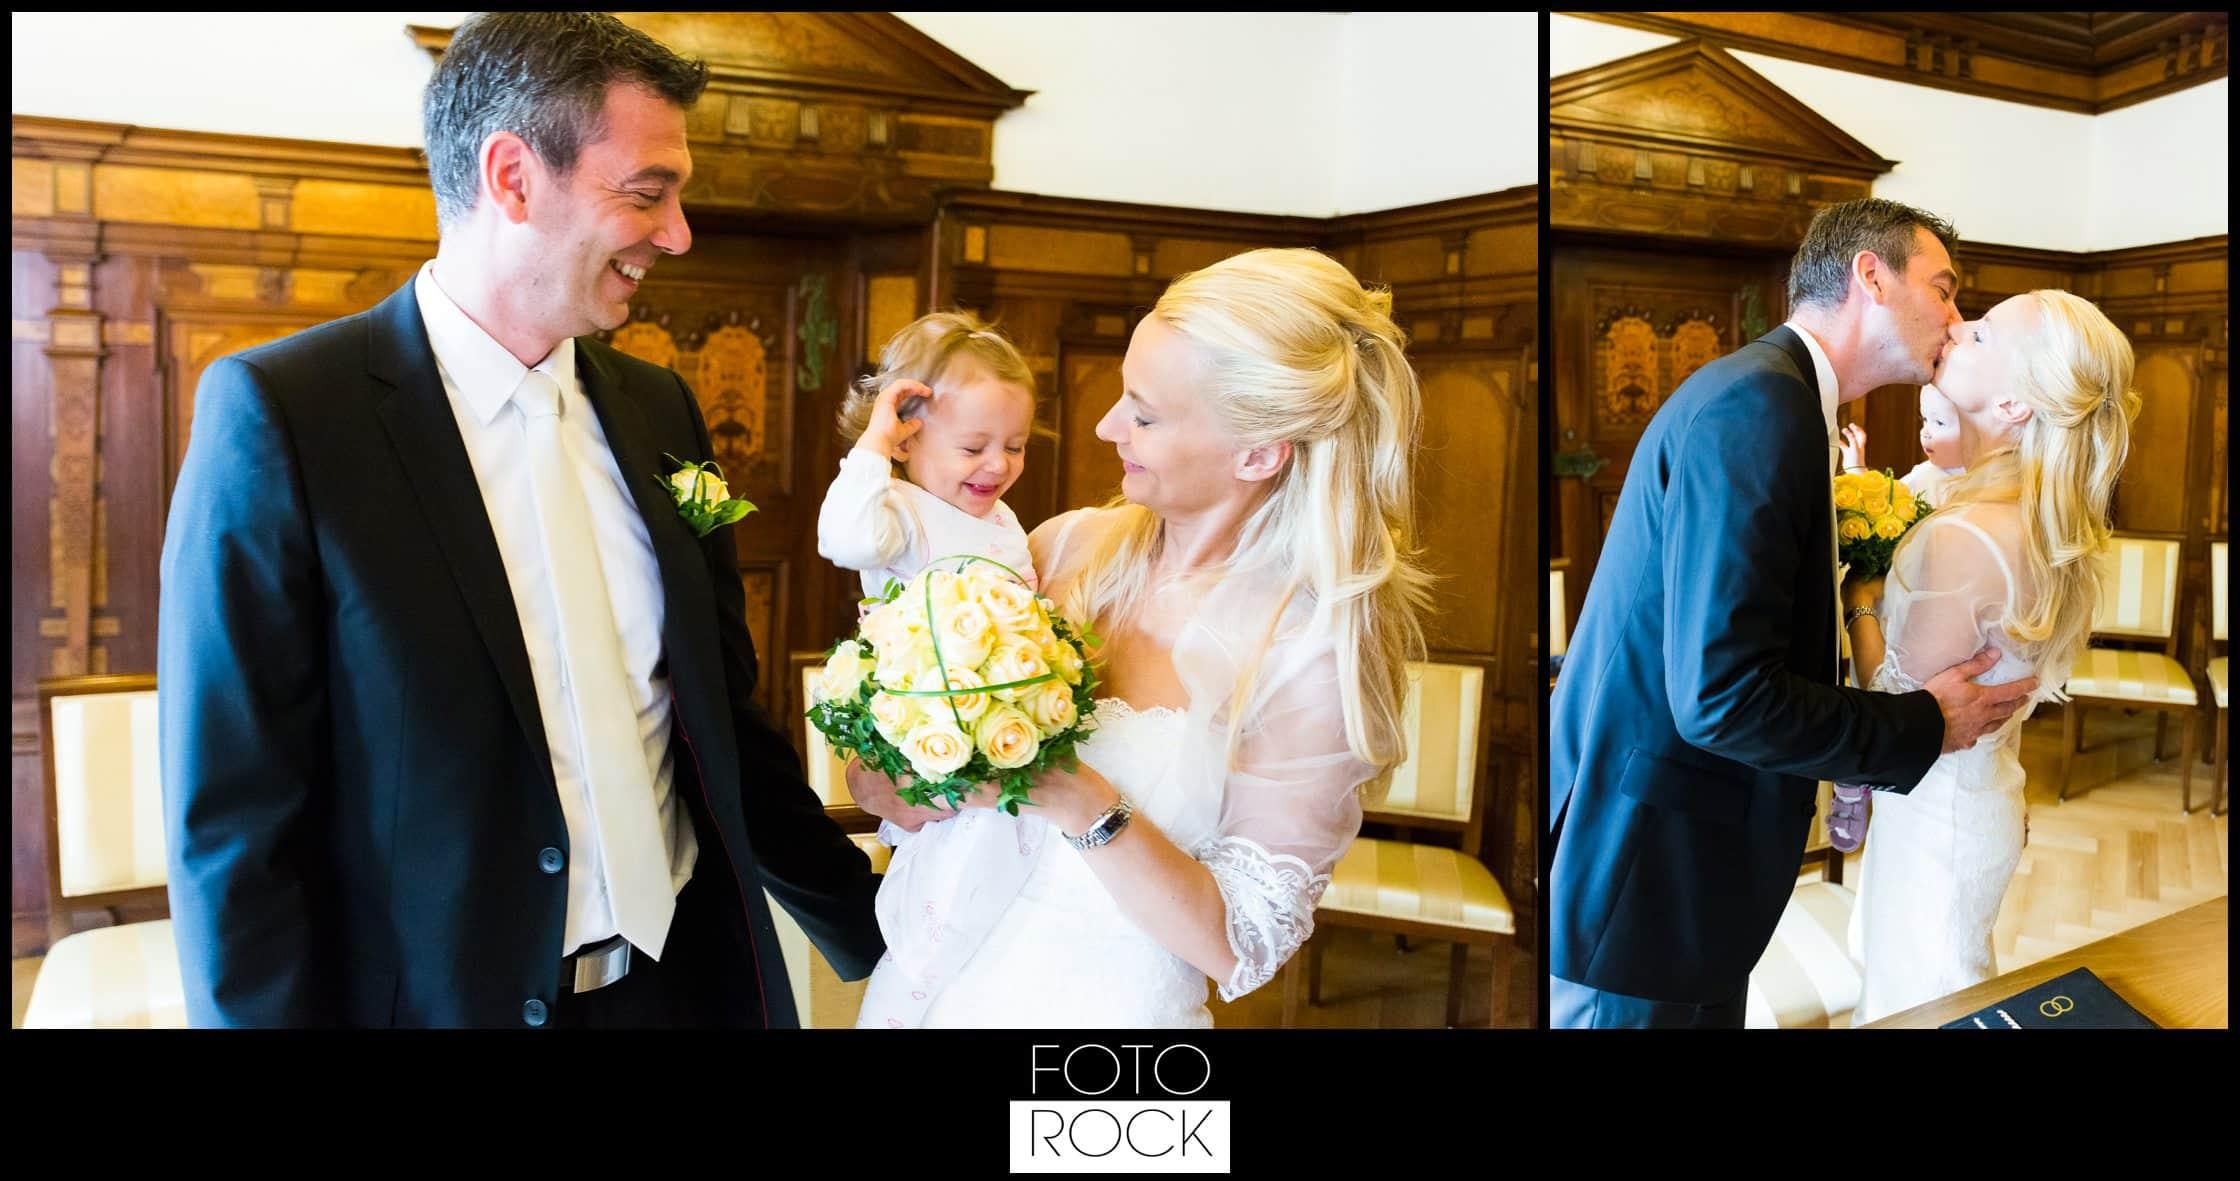 Hochzeit Parkhotel Adler brautpaar trauung ringtausch kuss